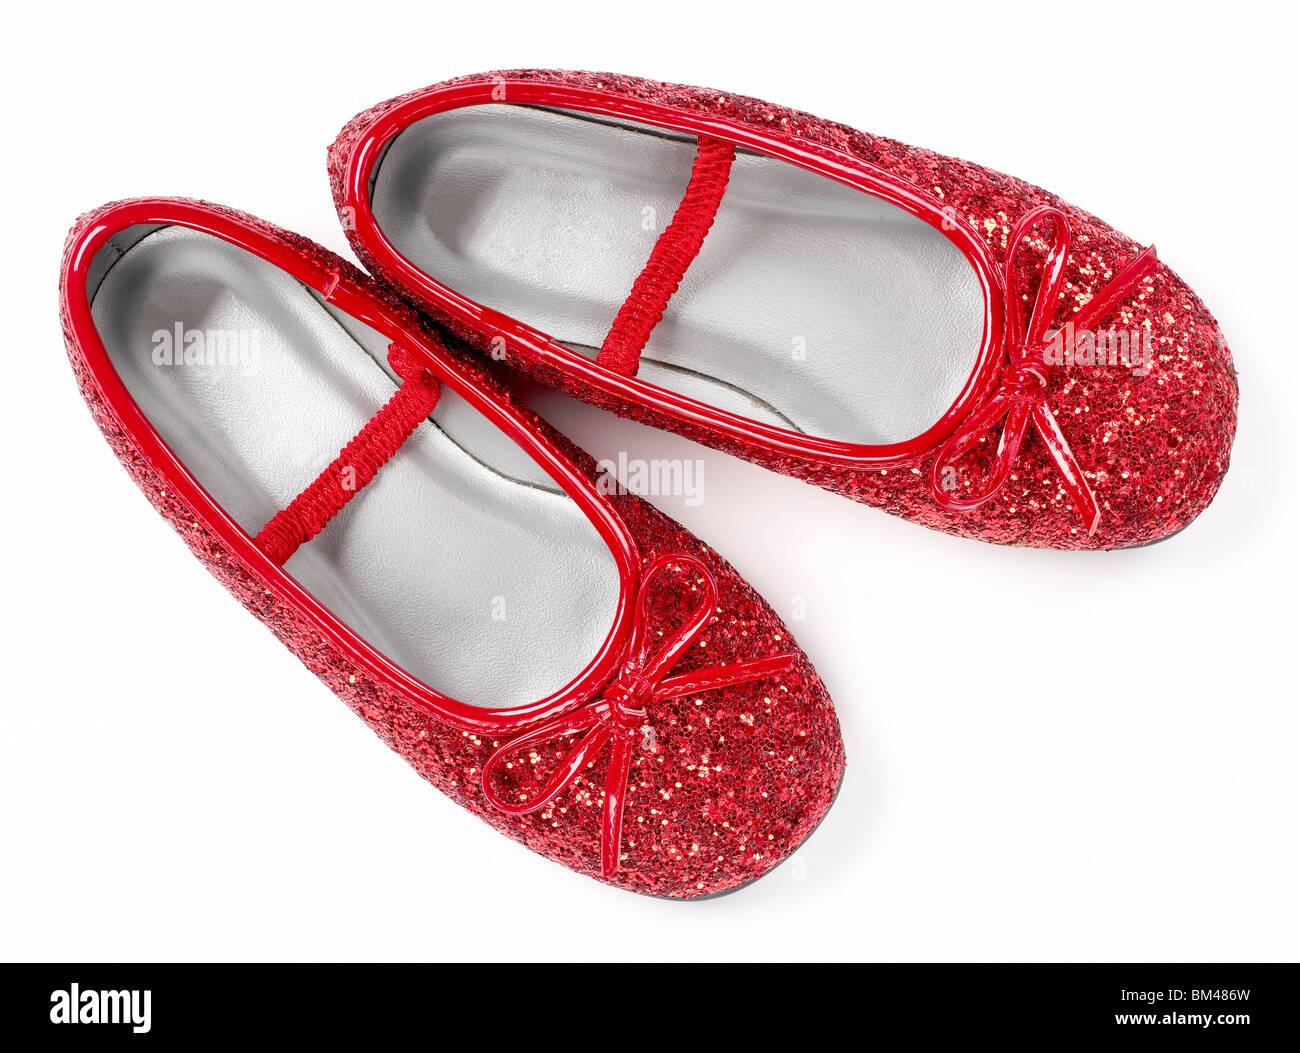 Red Ruby Slipper Schuhe Stockbild